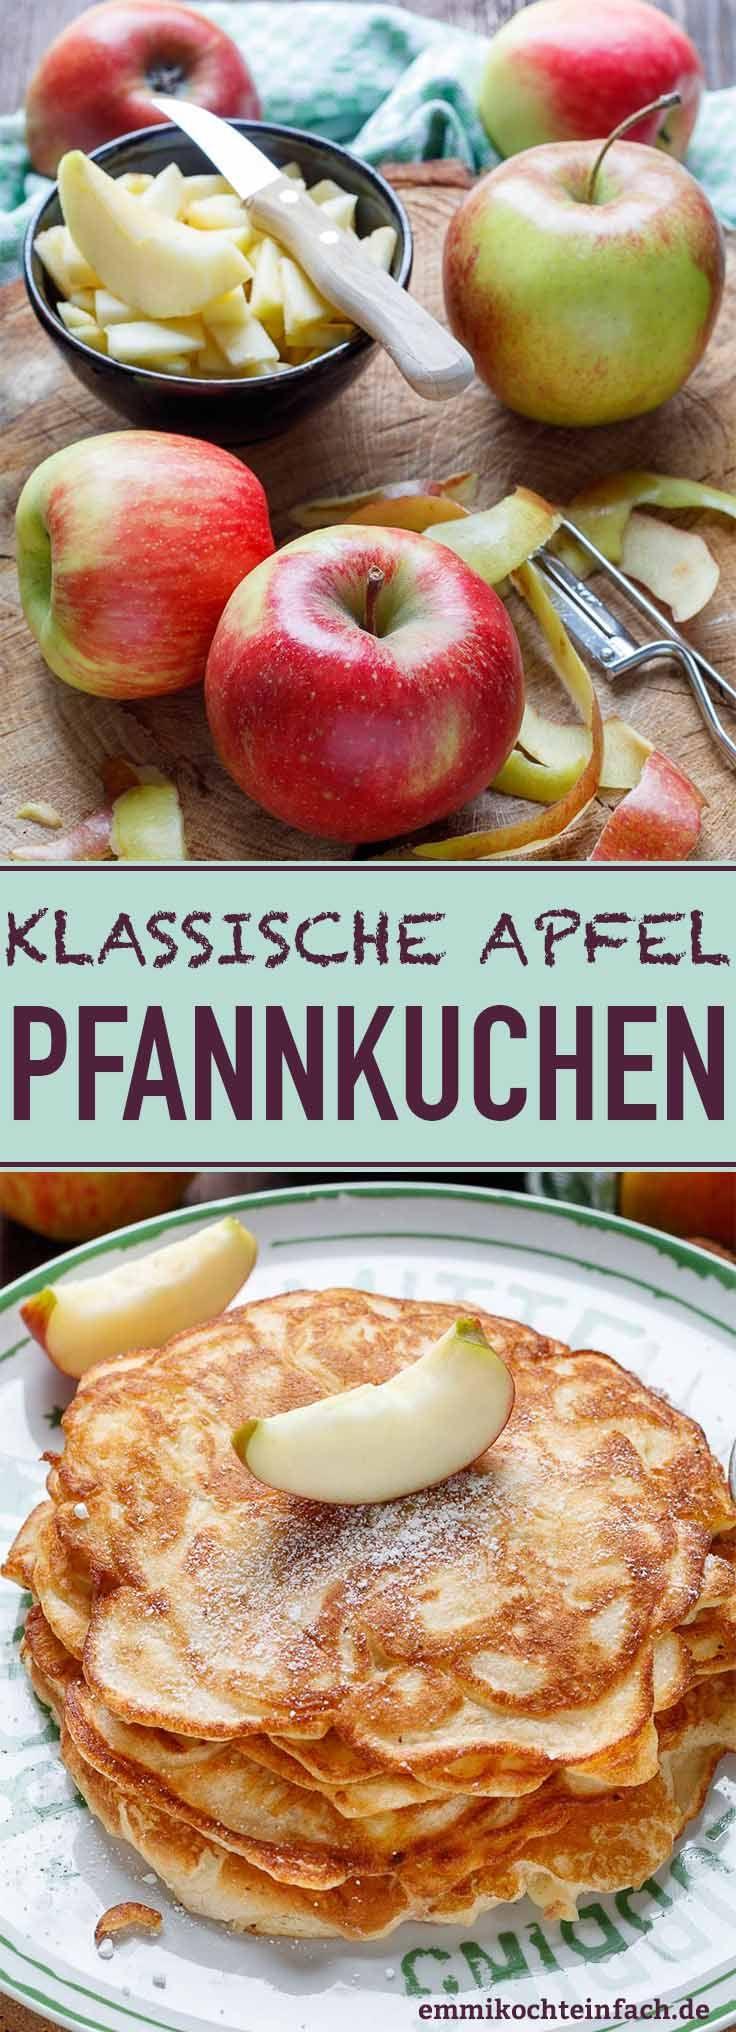 Apfelpfannkuchen klassisch und fluffig #applecrisp